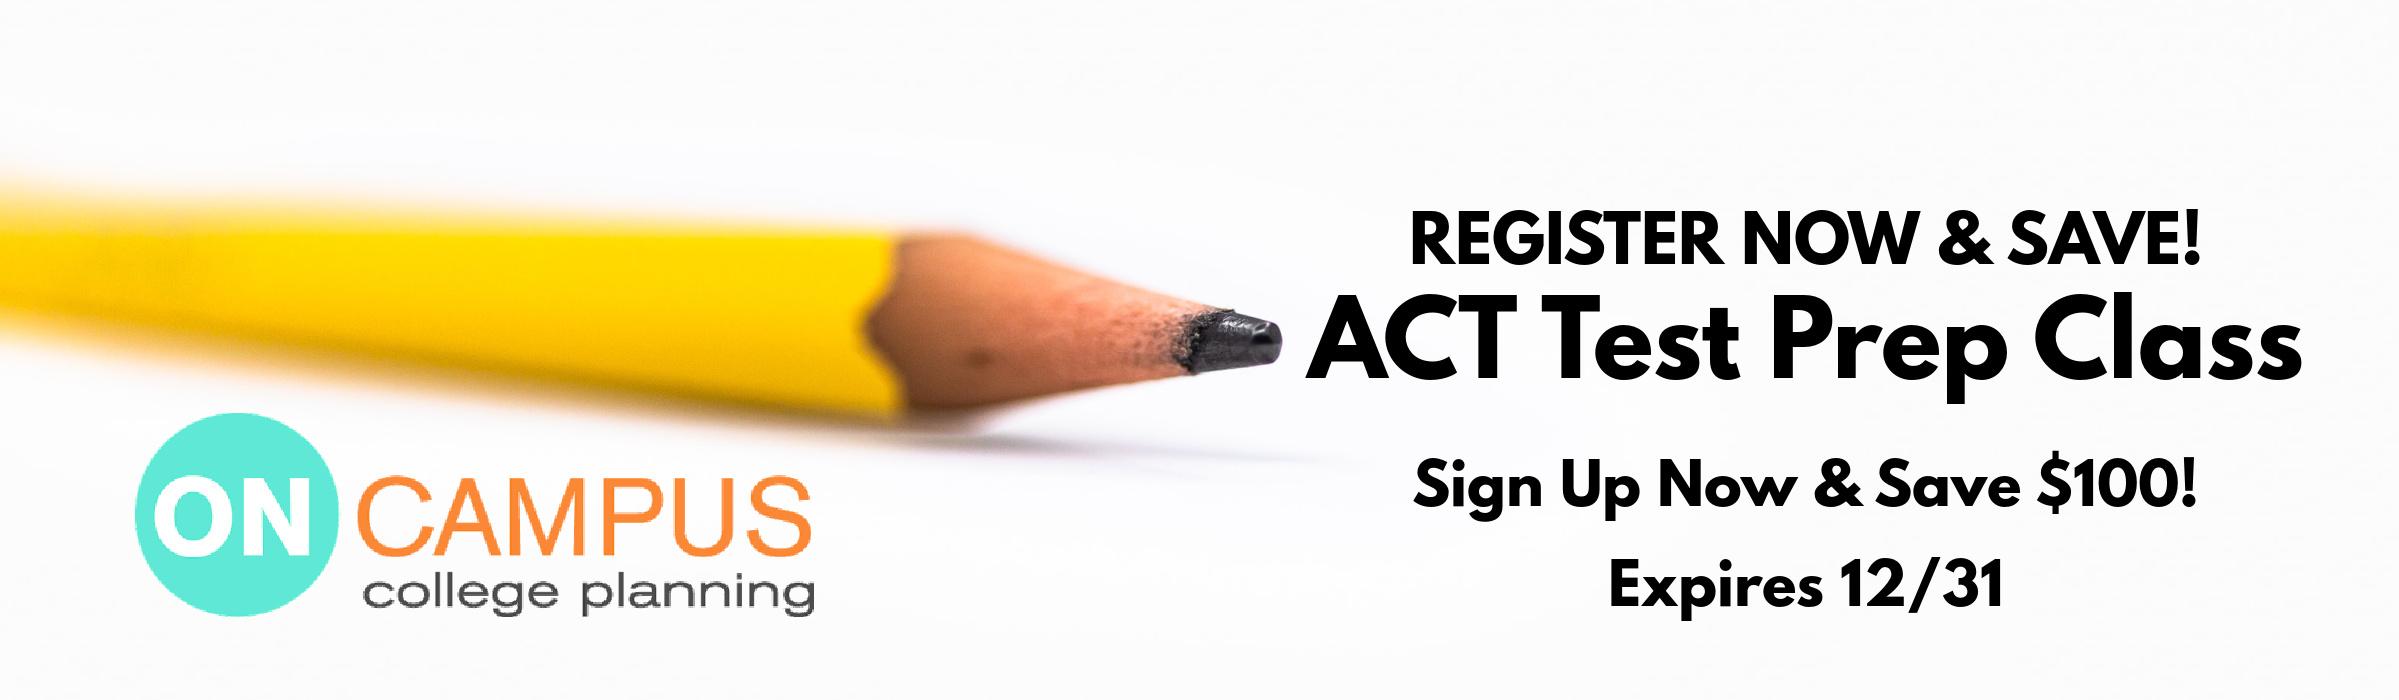 ACT Test Prep Register